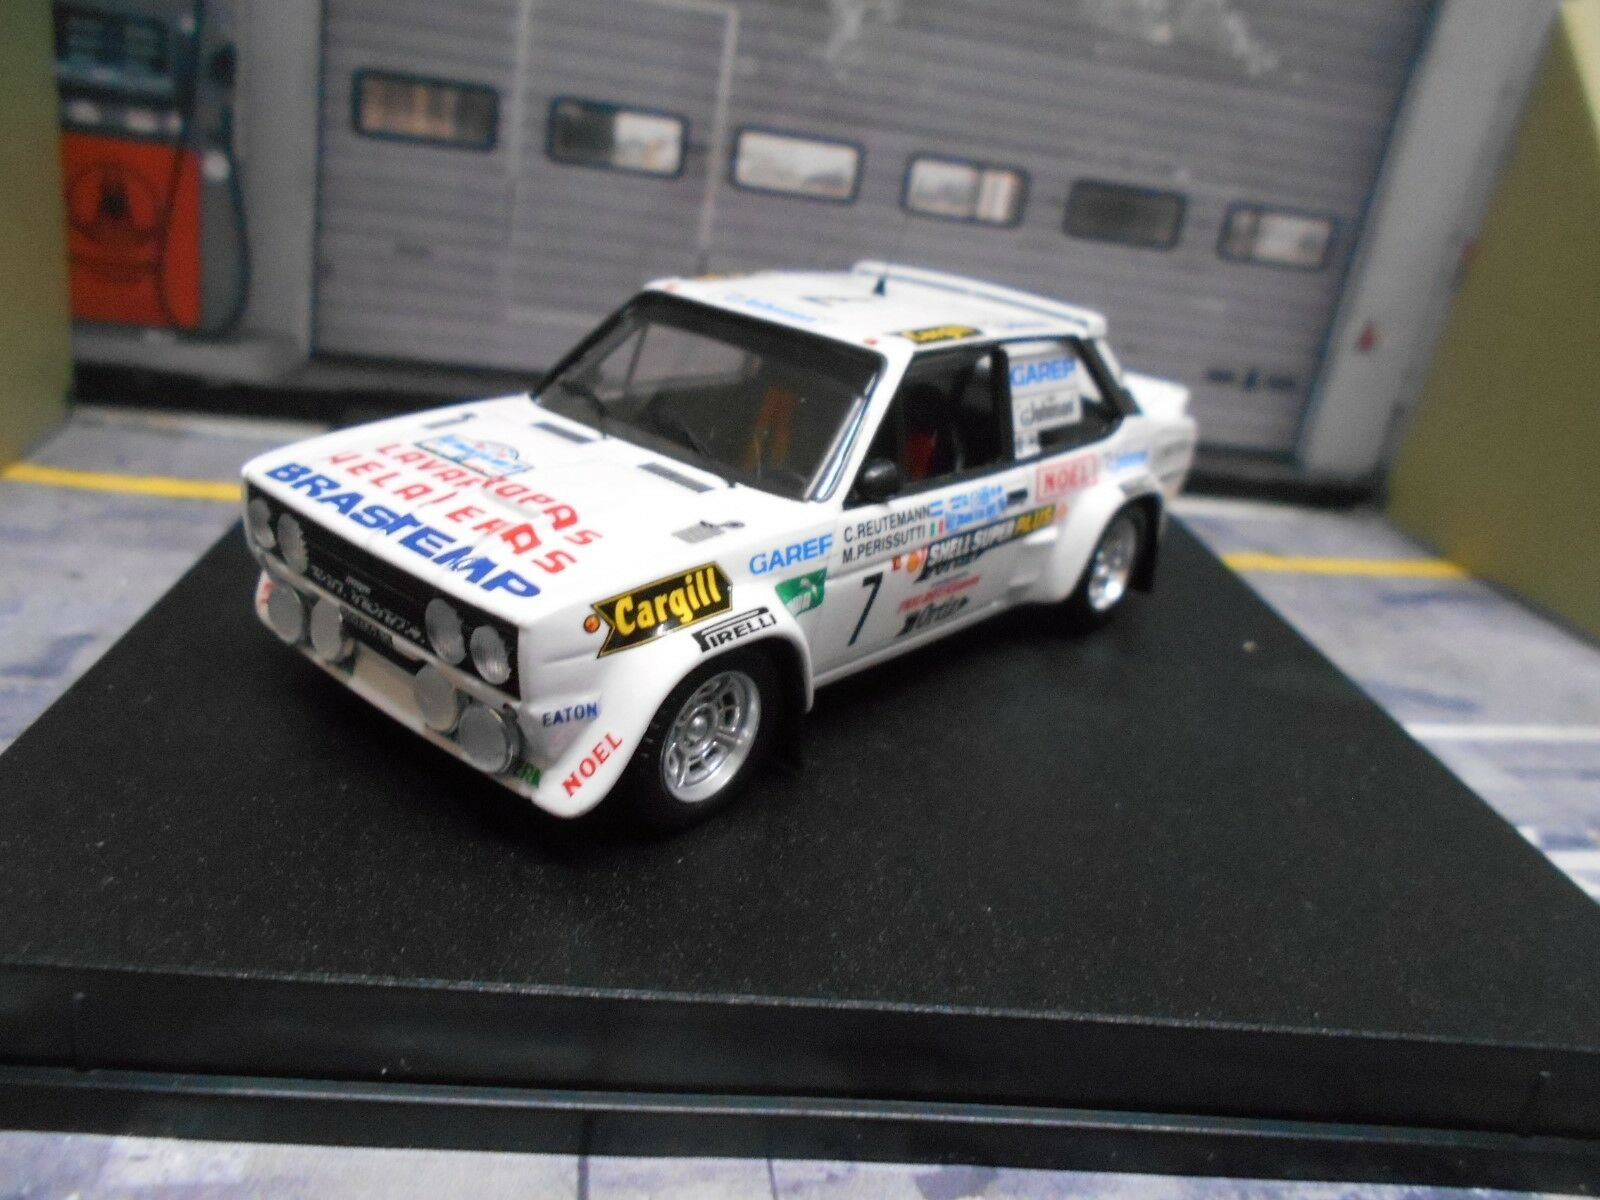 FIAT 131 ABARTH CODASUR ARGENTINE 1980 1980 1980  7 Reutemann El Lole 1422 Trofeu 1 43 873800